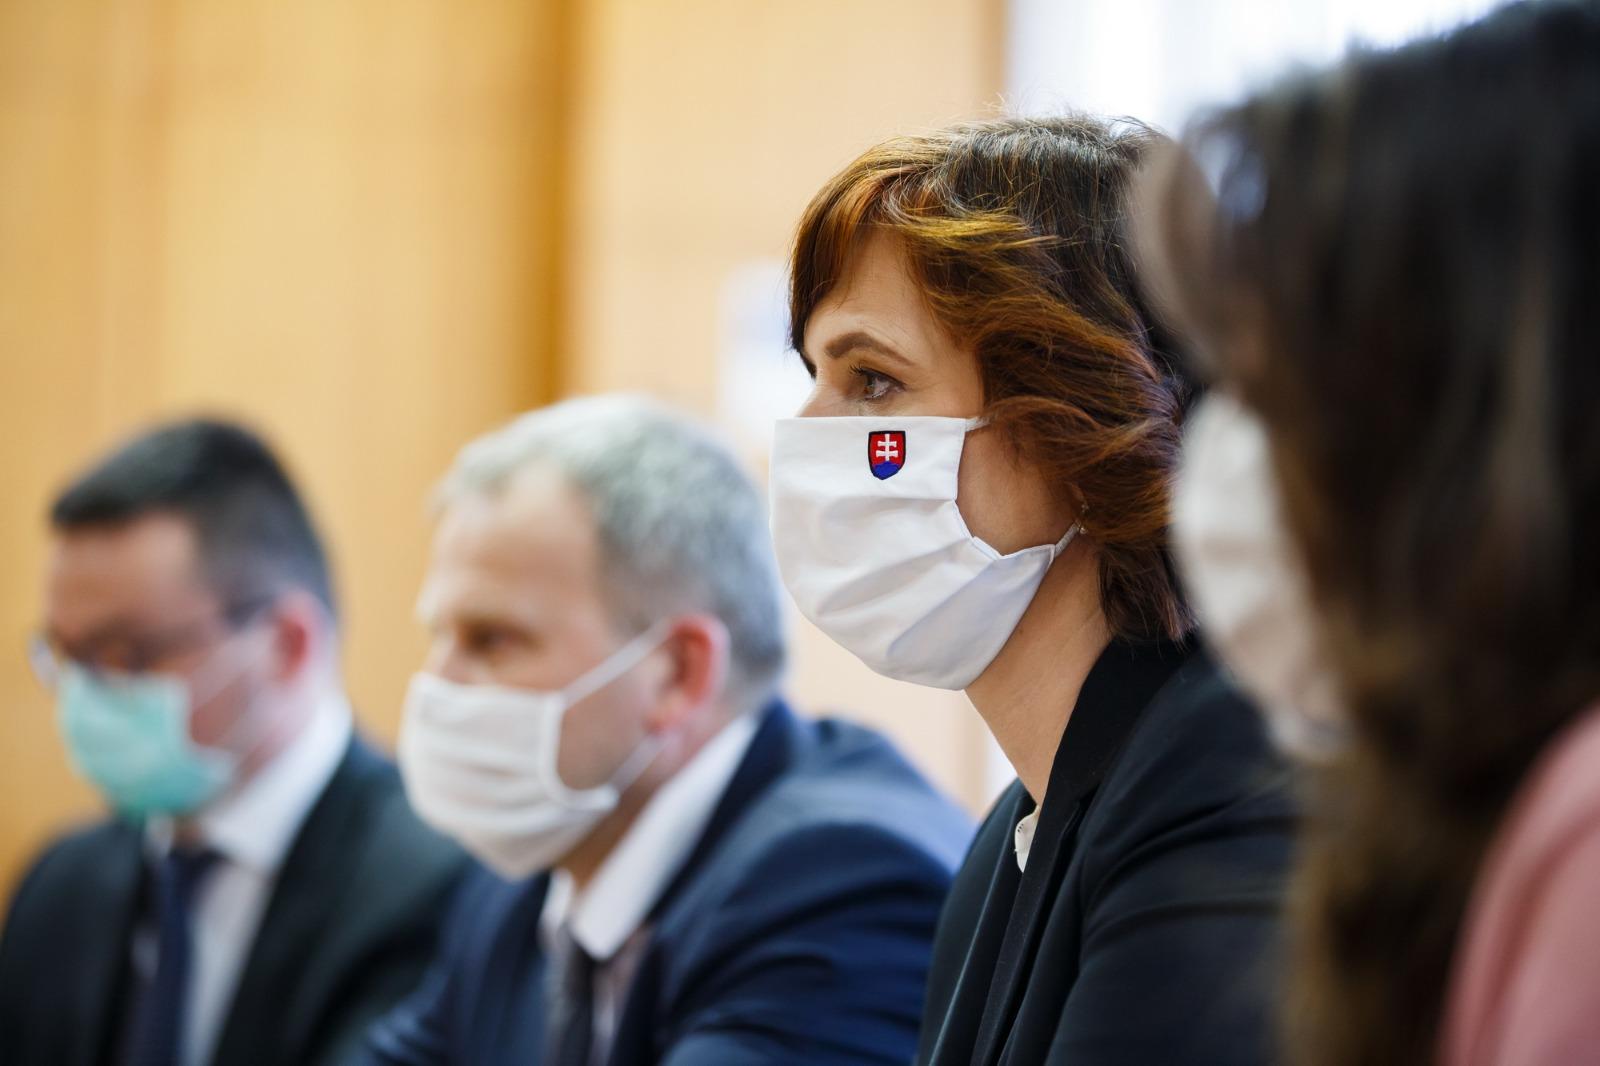 Vicepremiérka Remišová chce pomôcť s riešením koronakrízy aj priamo v regiónoch